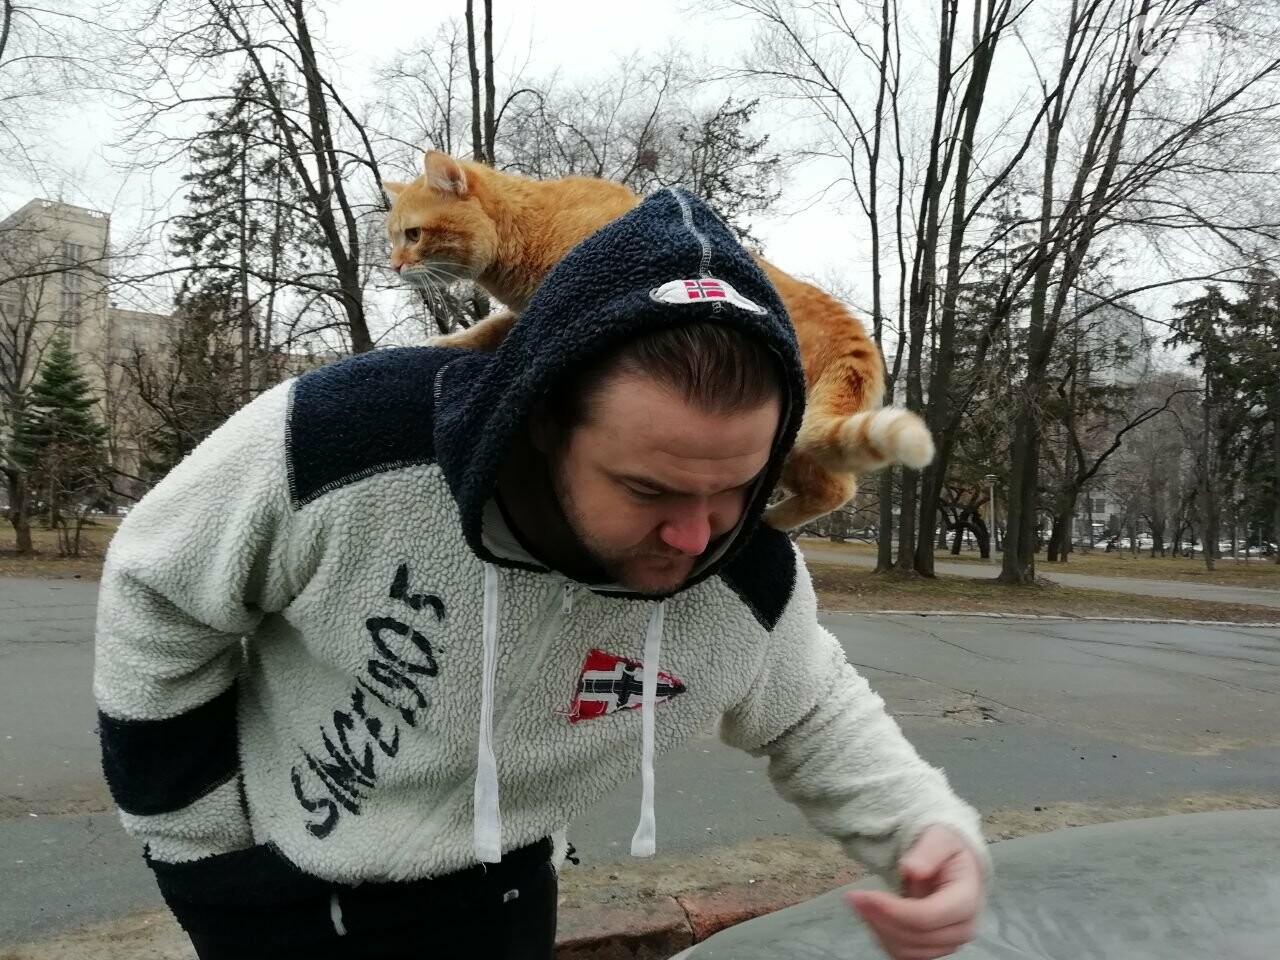 Поездка с котом и большие чаевые. Как харьковский таксист с питомцем возит пассажиров, - ФОТО, фото-6